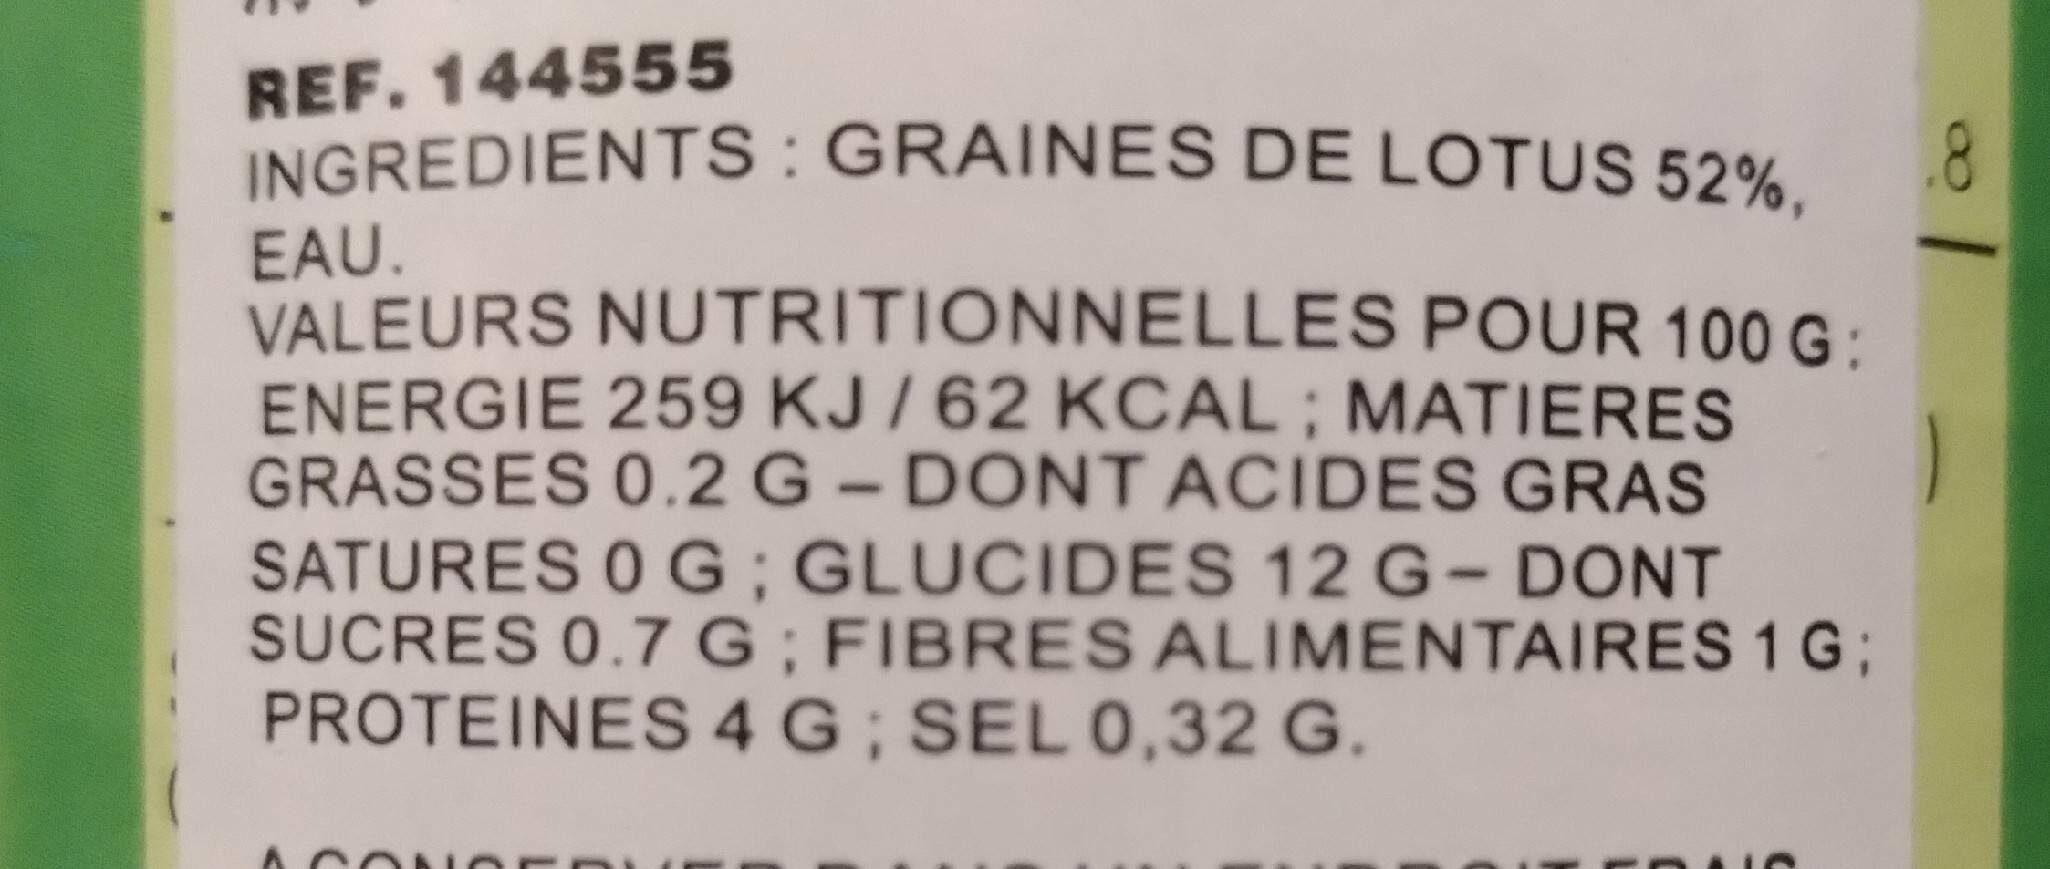 Graînes de lotus au naturel - Nutrition facts - fr